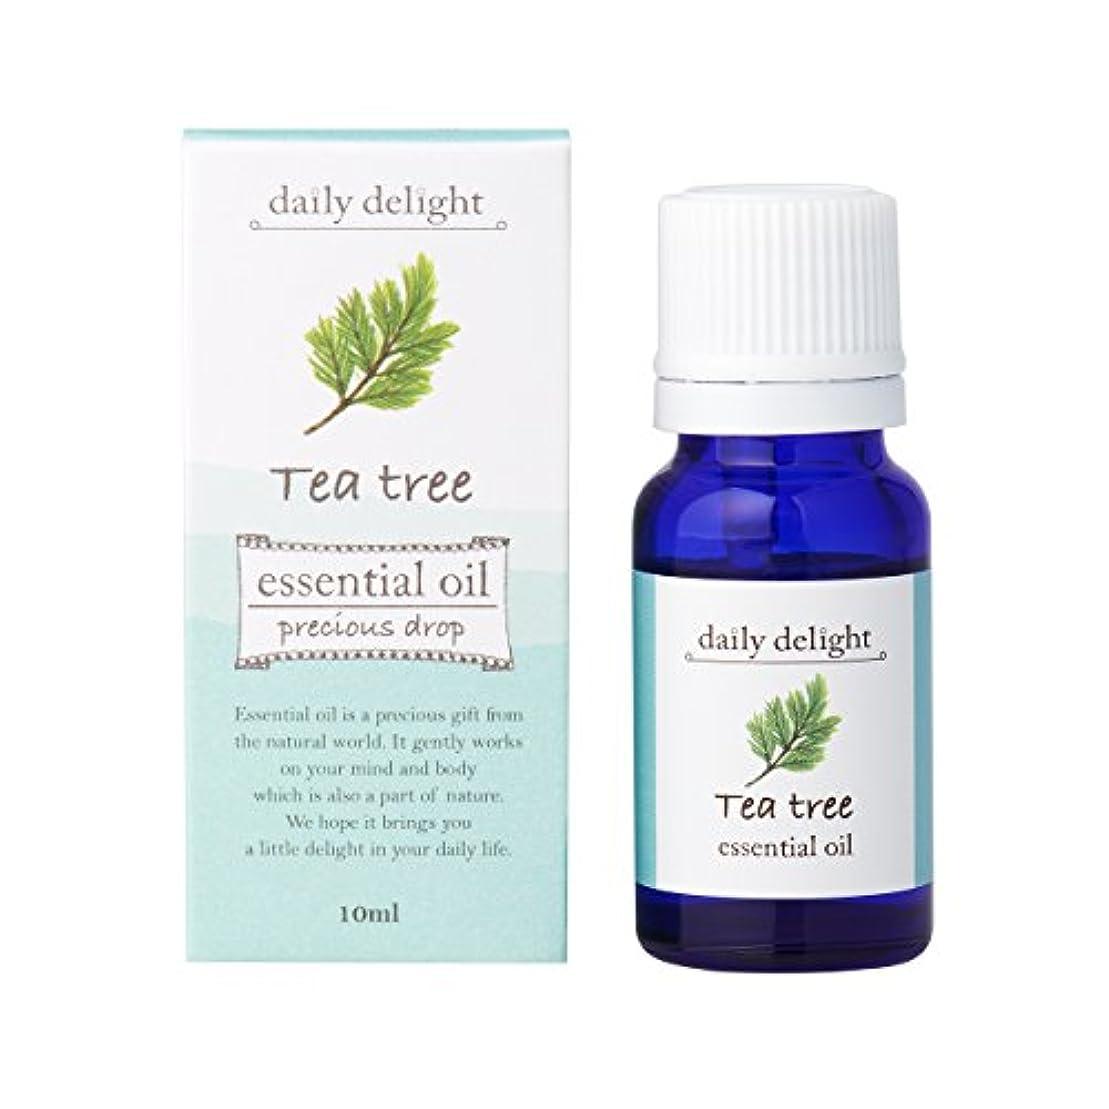 意味のある日曜日ホームデイリーディライト エッセンシャルオイル  ティートゥリー 10ml(天然100% 精油 アロマ 樹木系 フレッシュですっきりとした香り)